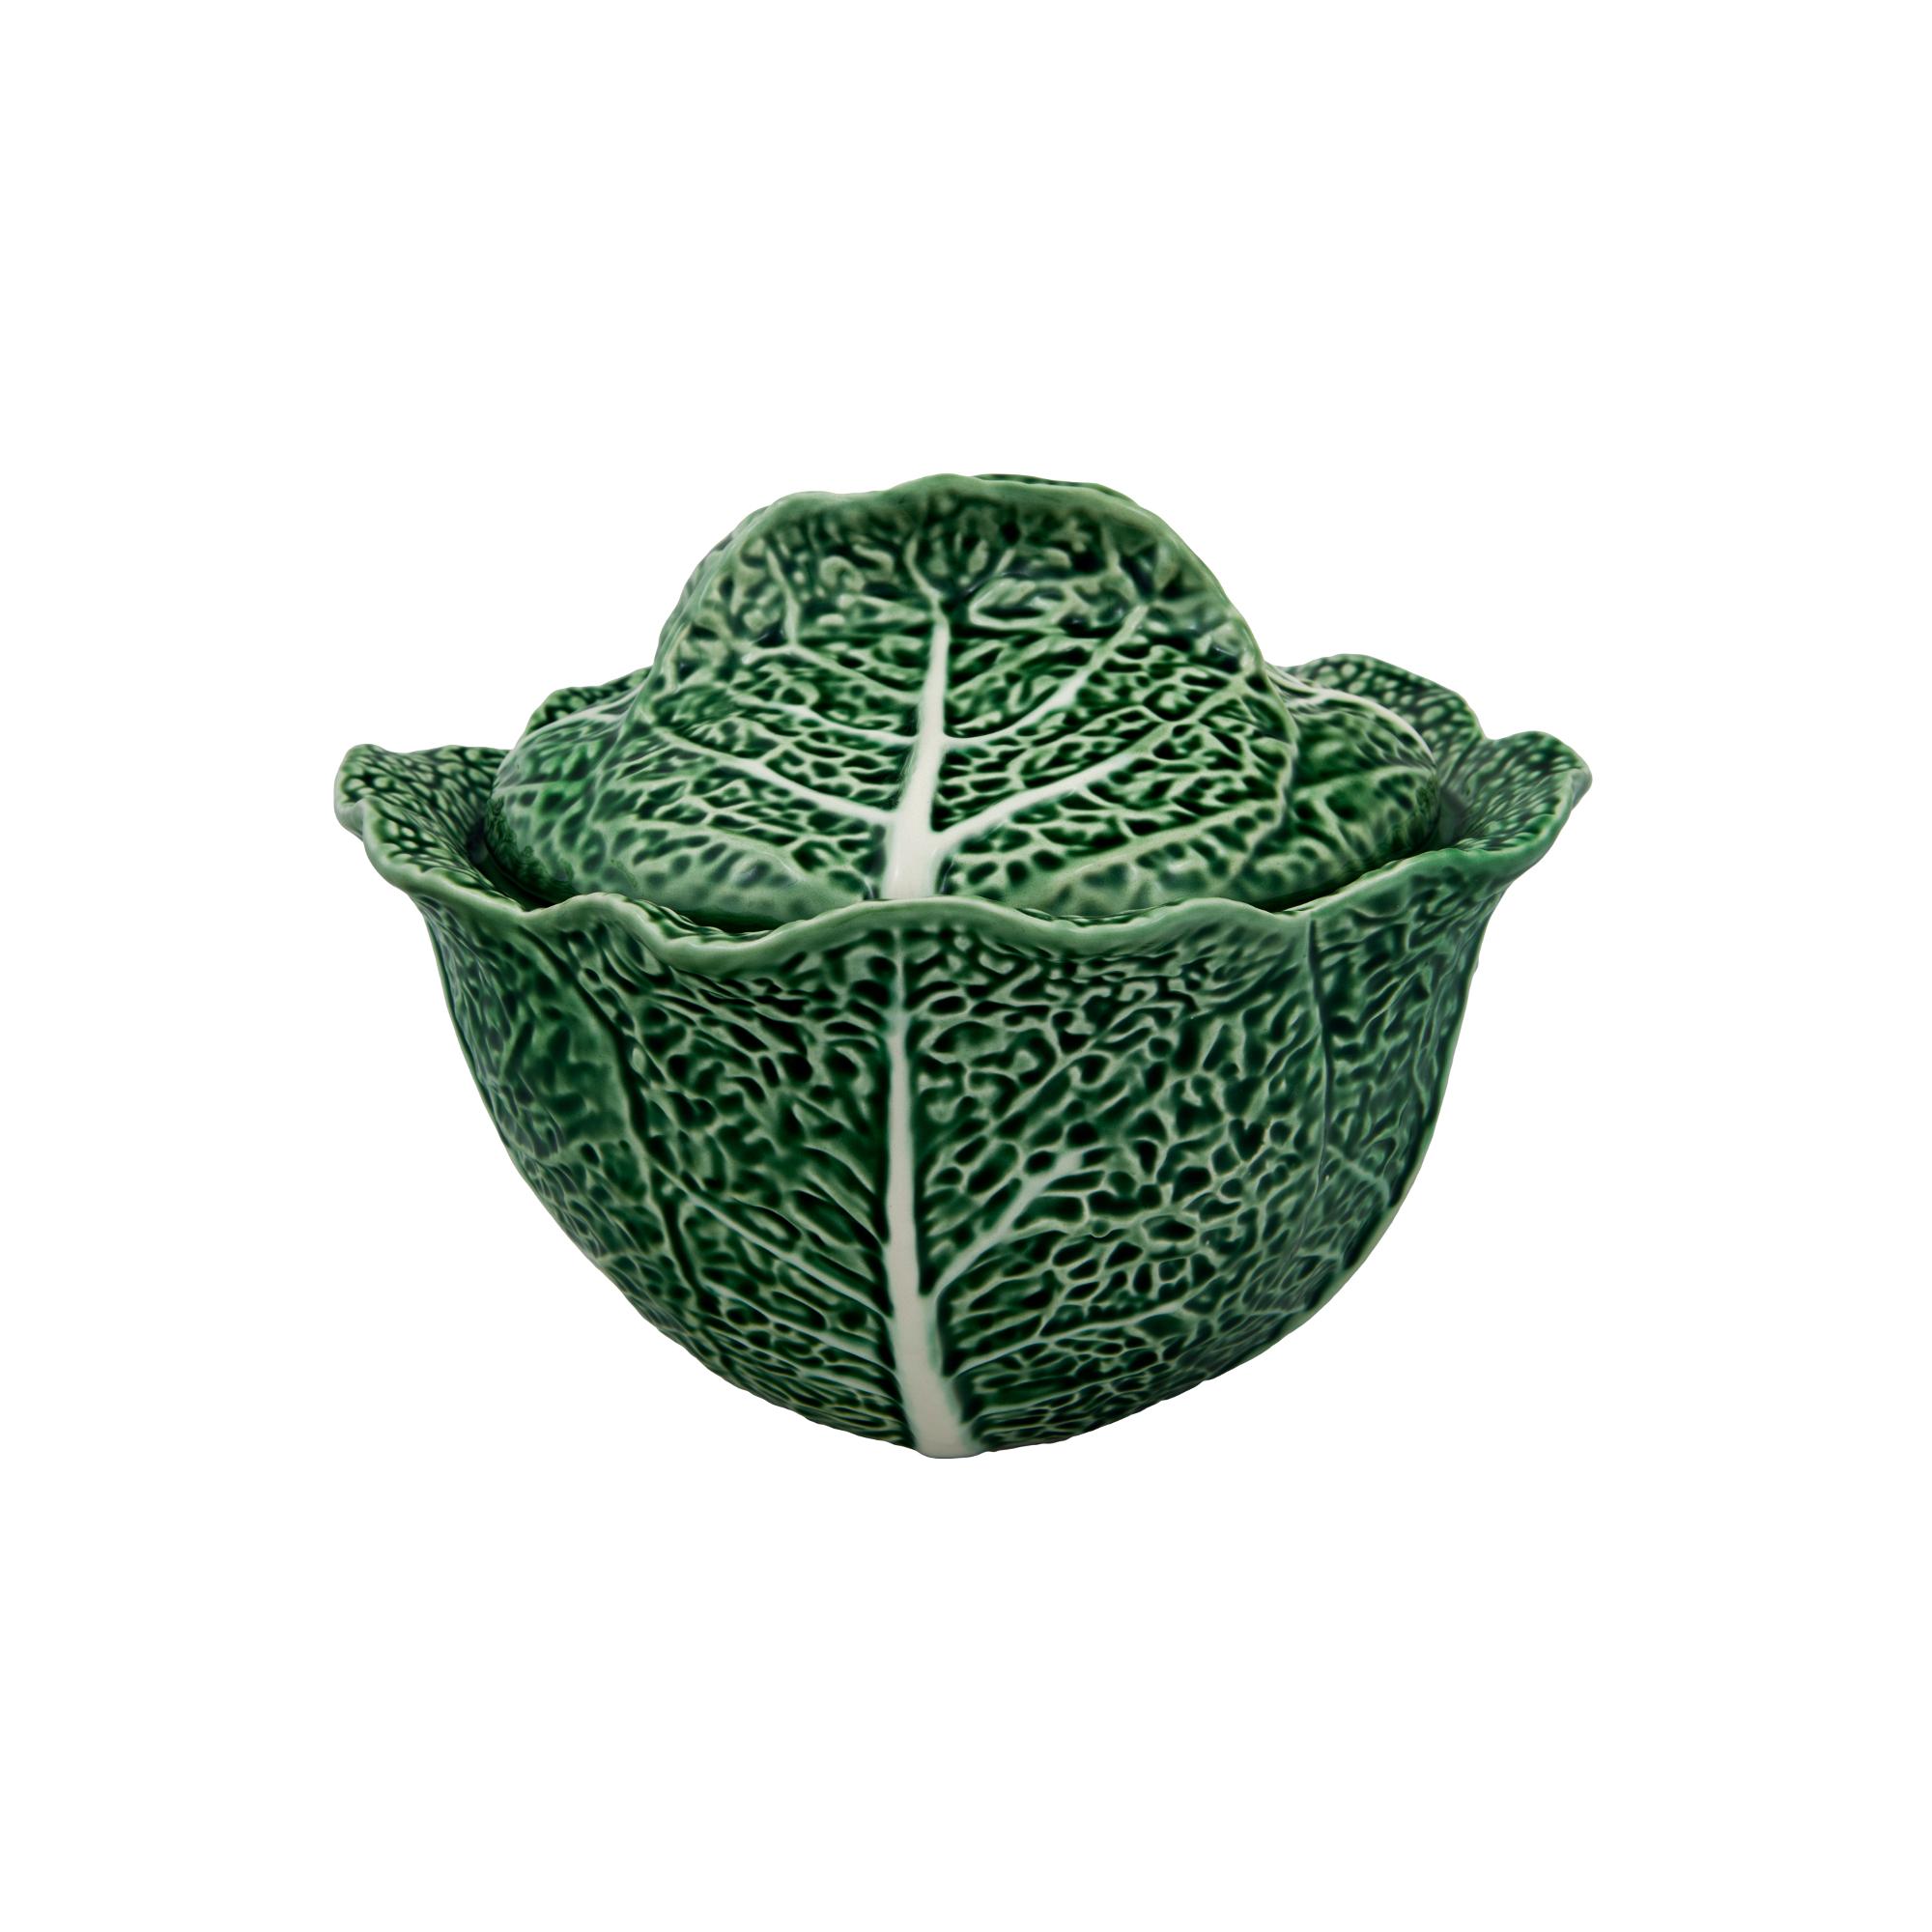 Bordallo Pinheiro Cabbage Earthenware 3 Liter Soup Tureen